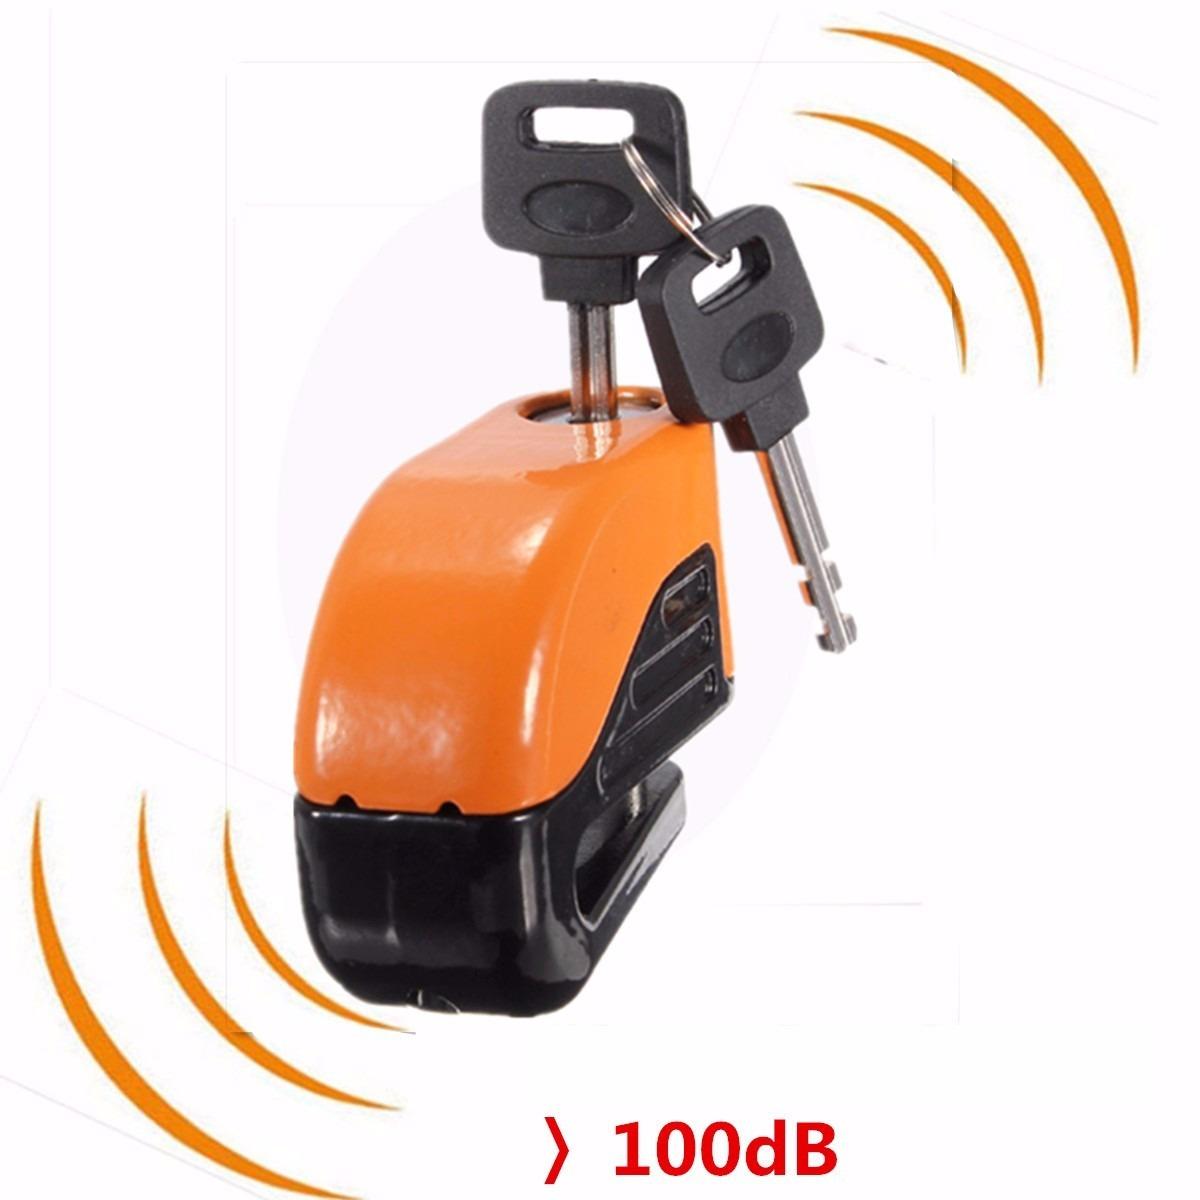 ff6da00591 candado con alarma moto, bicicleta, accesorios ktm duke. Cargando zoom.